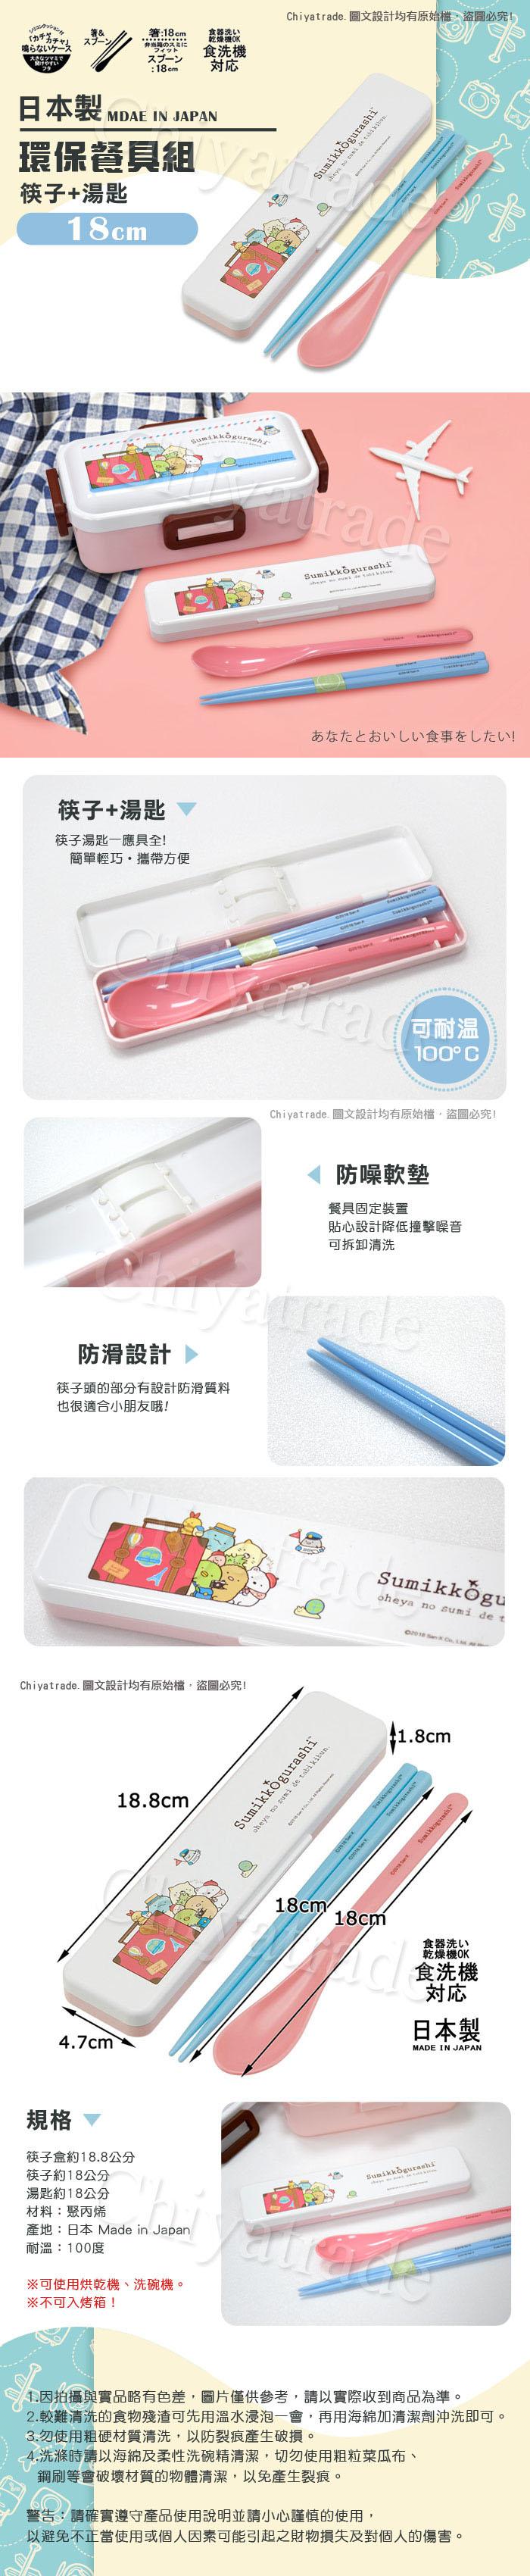 (複製)Skater|角落小夥伴 環保筷子+湯匙組 18CM-粉紅條紋